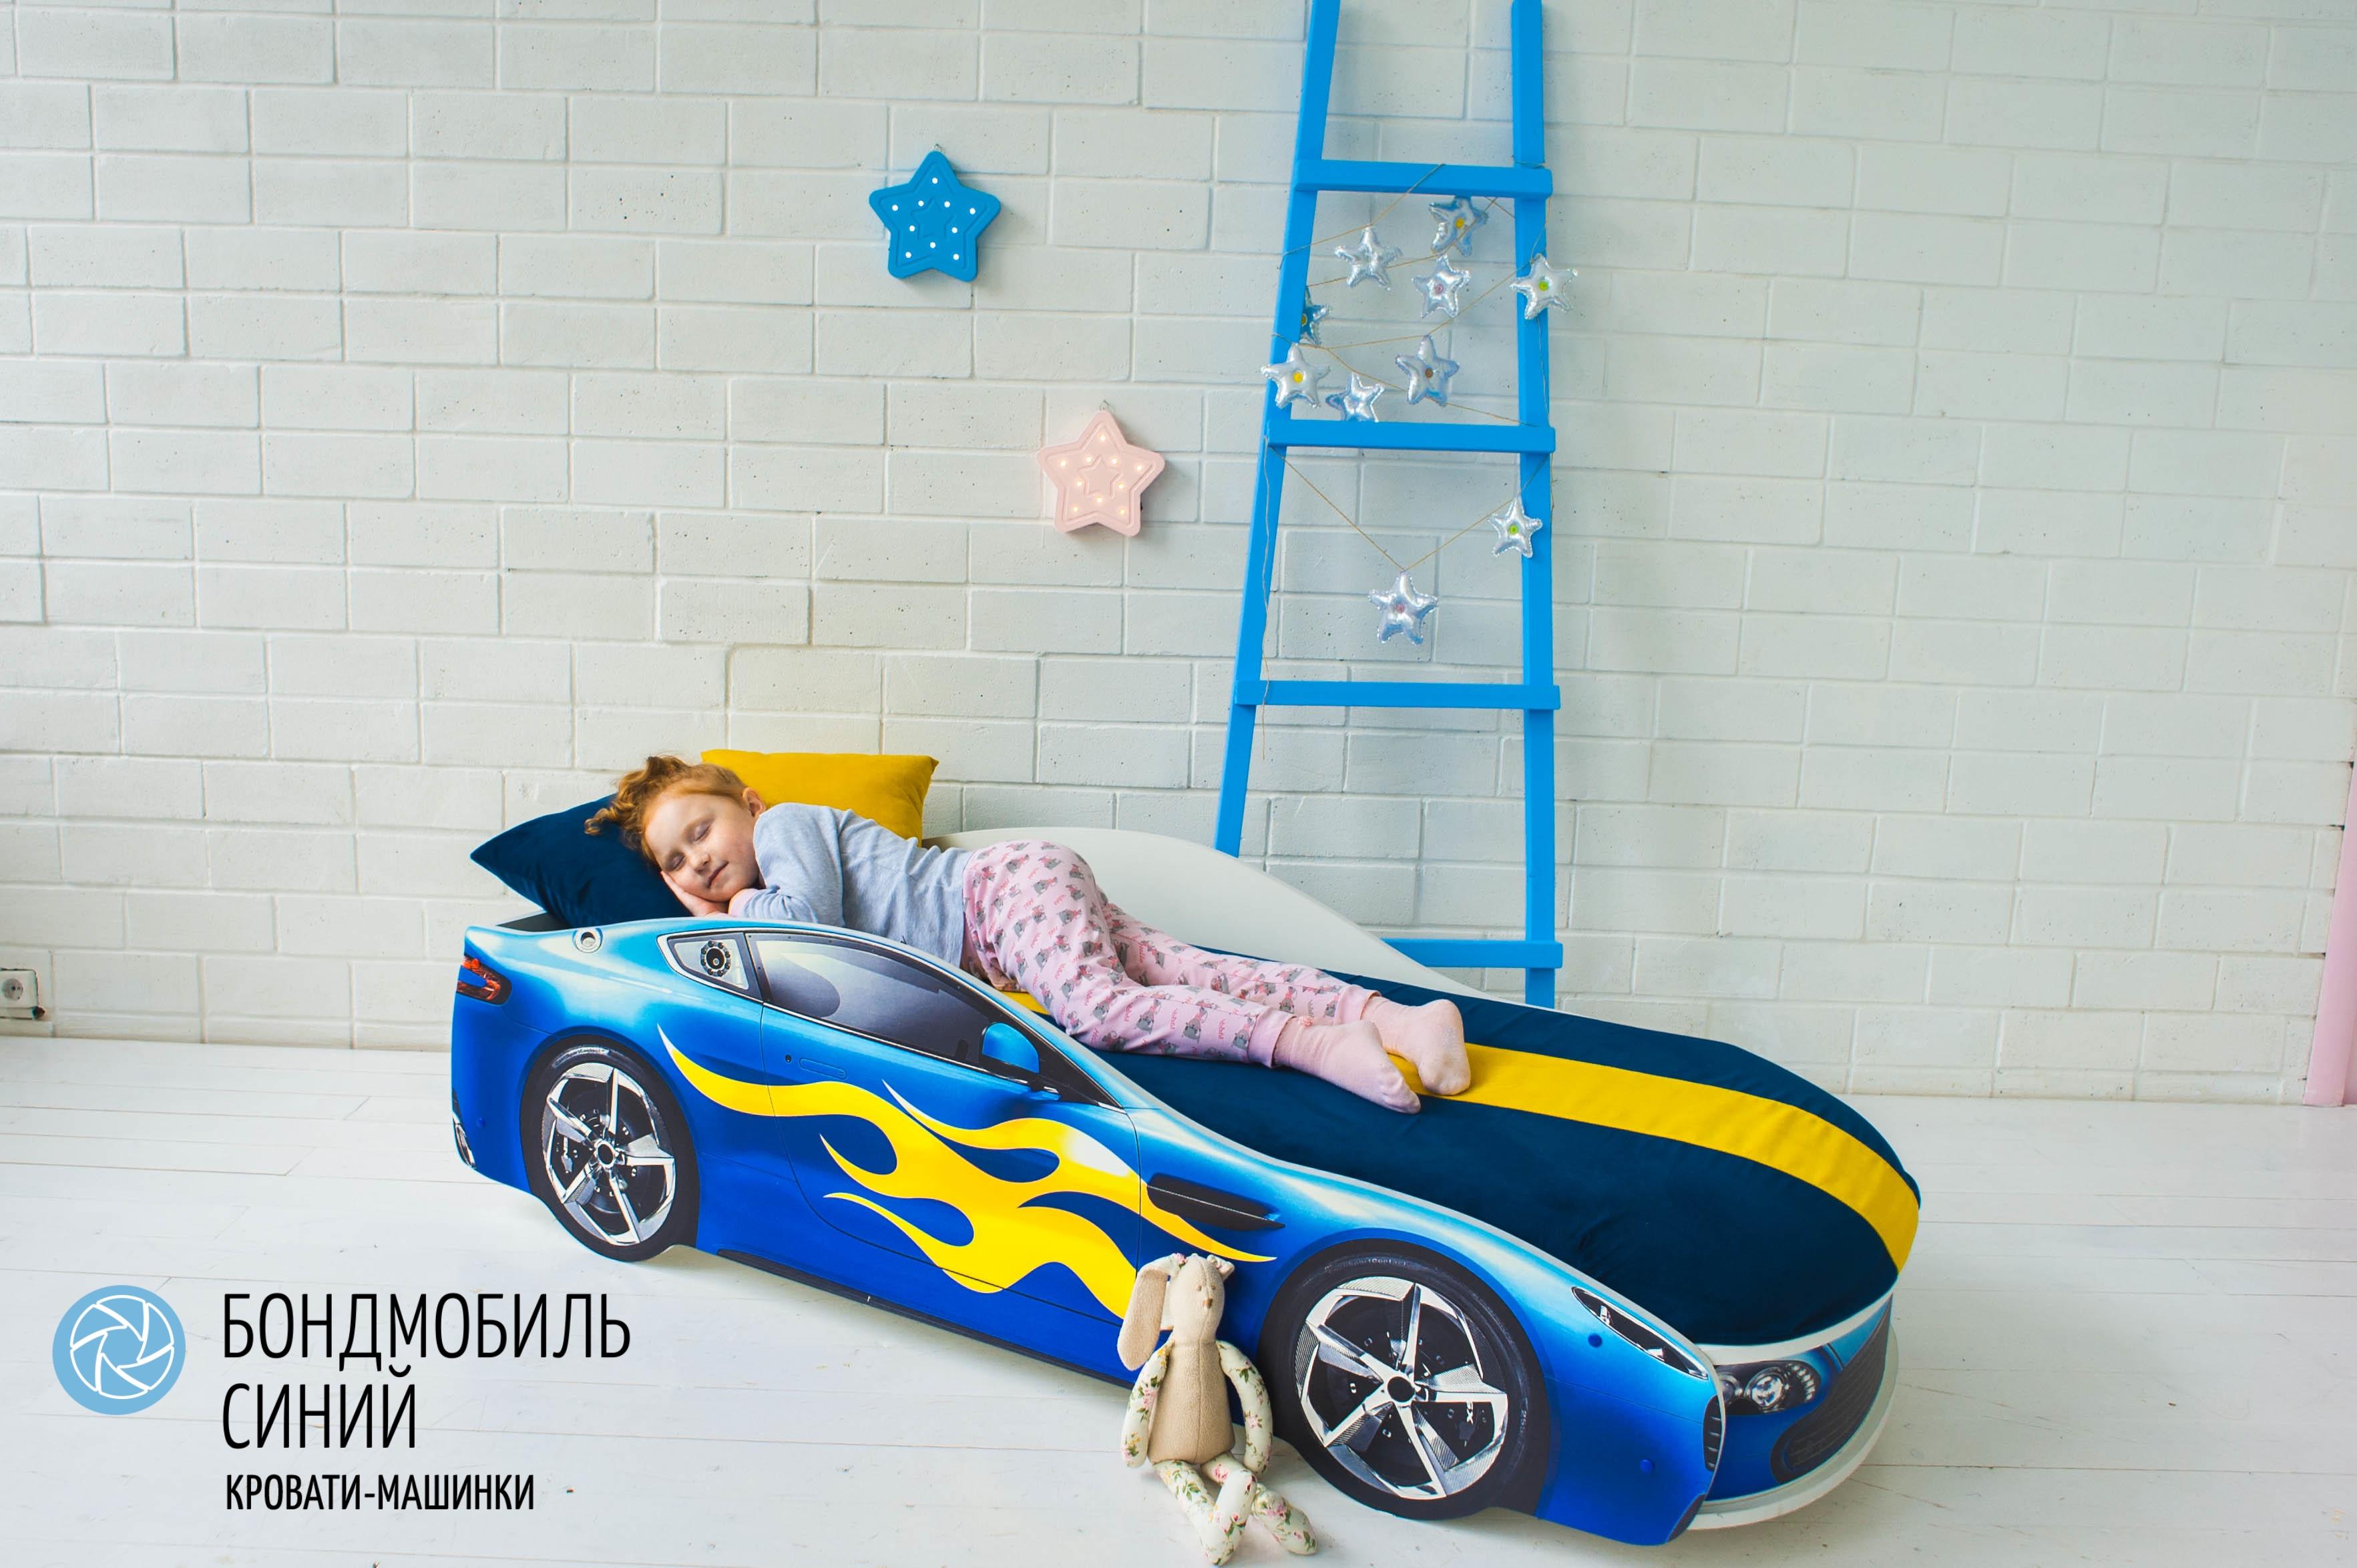 Детская кровать-машина синий -Бондмобиль-5